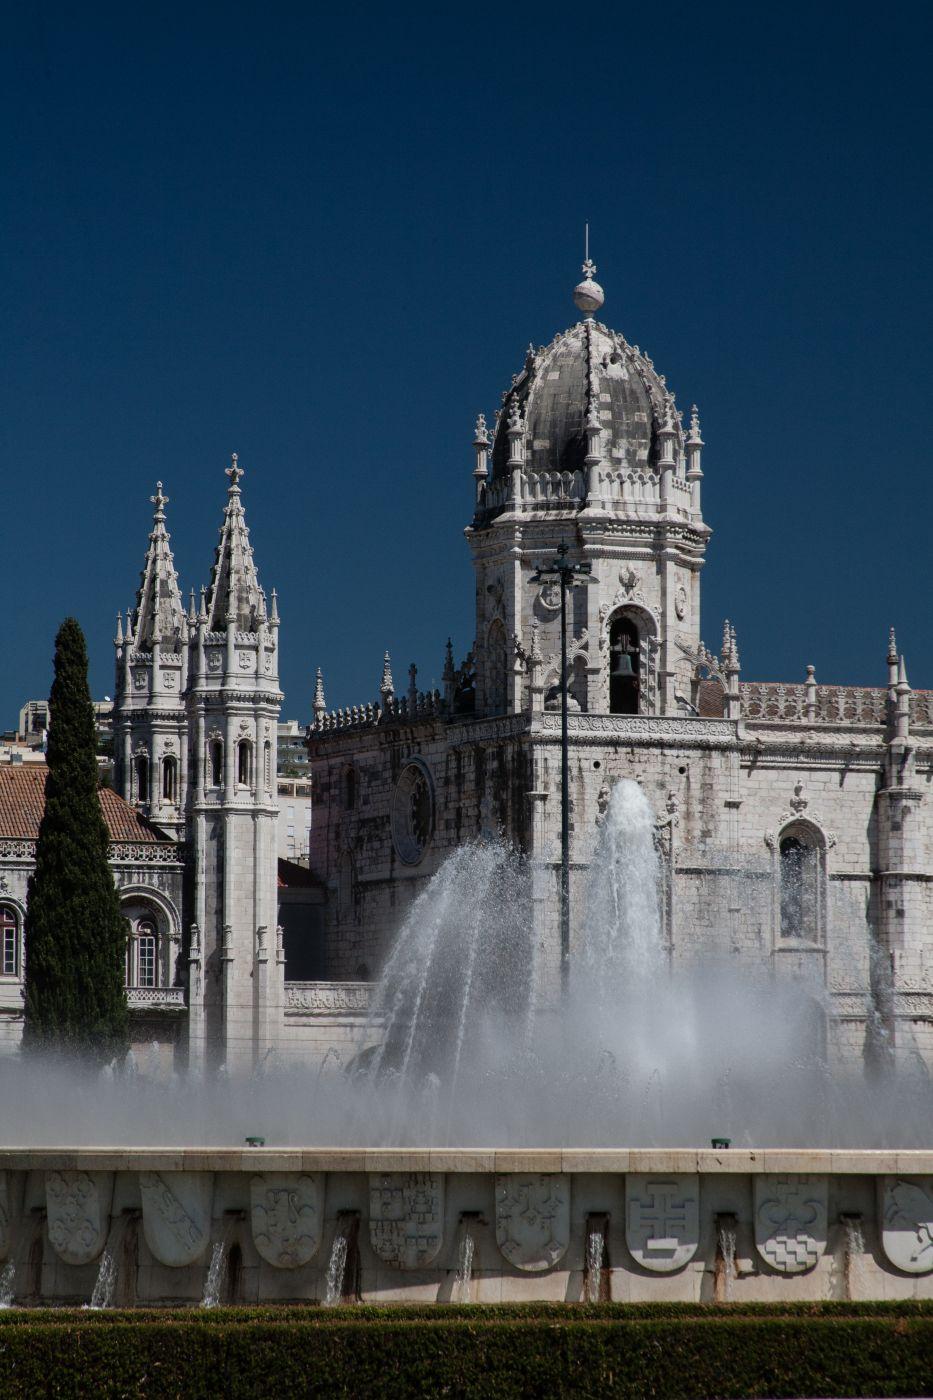 Mosteiro dos Jerónimos, Portugal